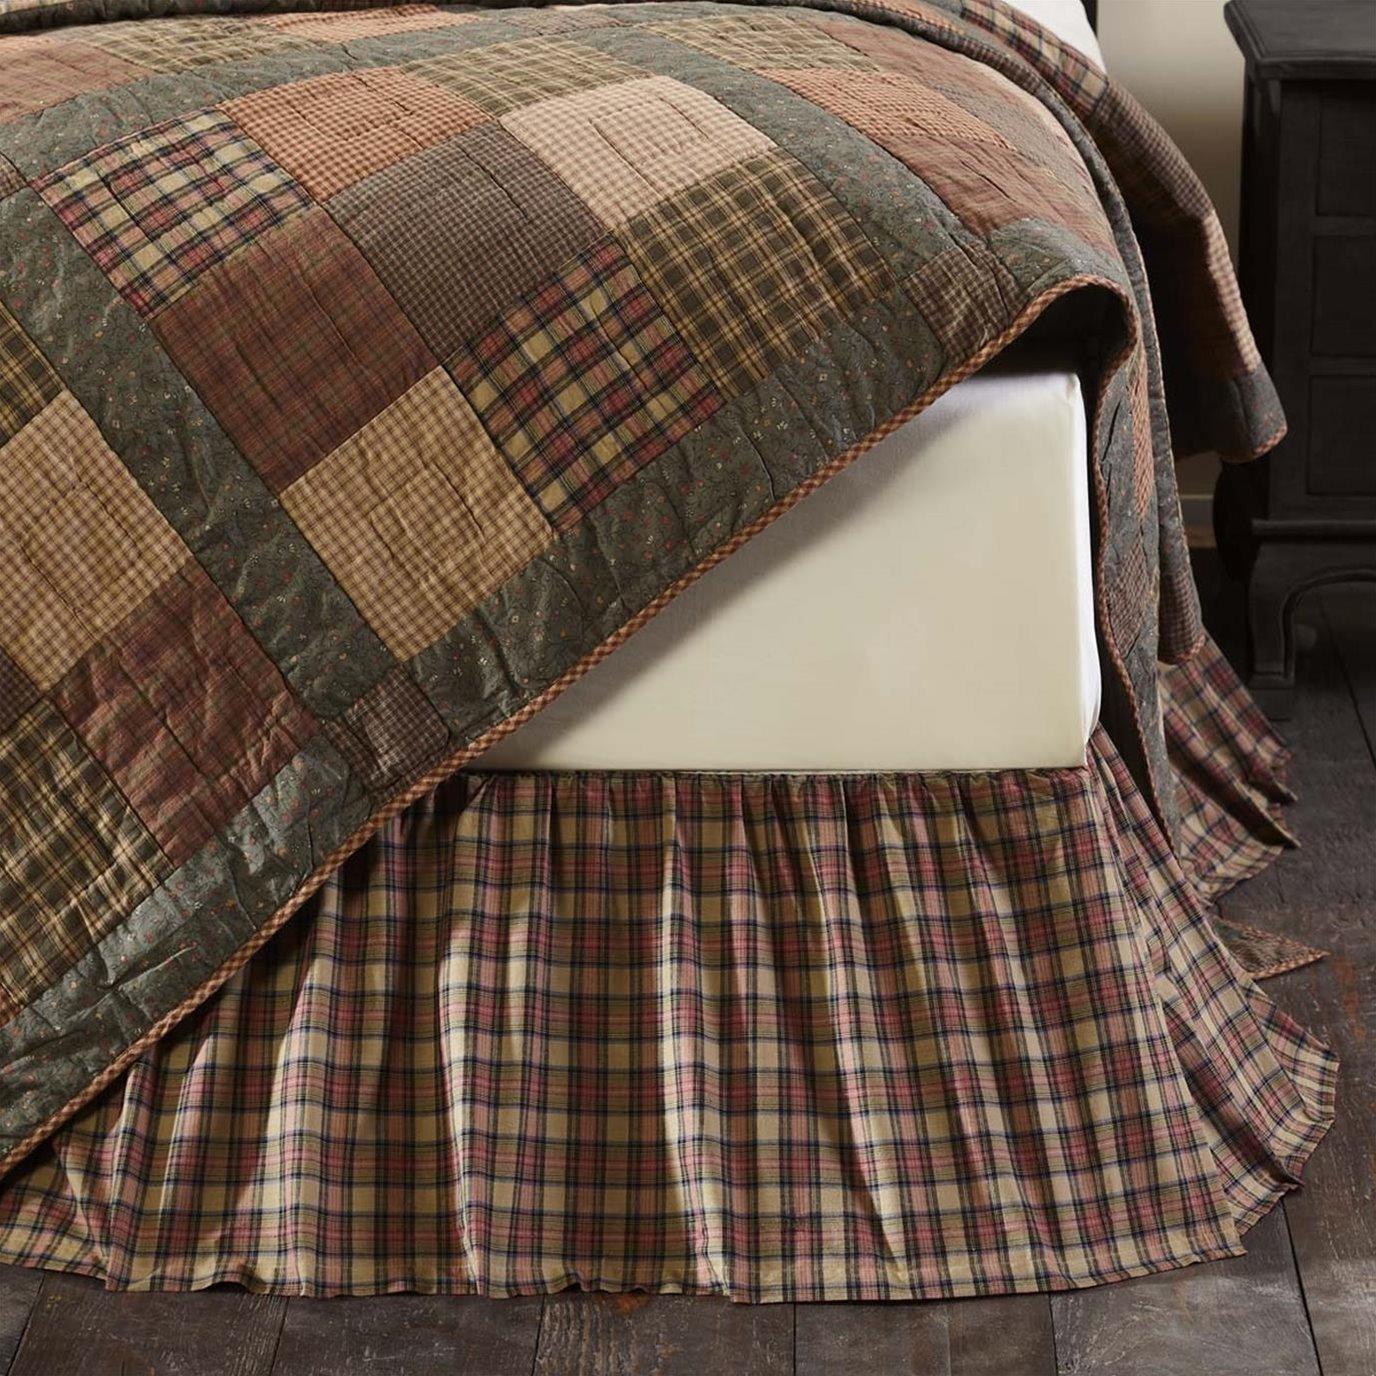 Crosswoods King Bed Skirt 78x80x16